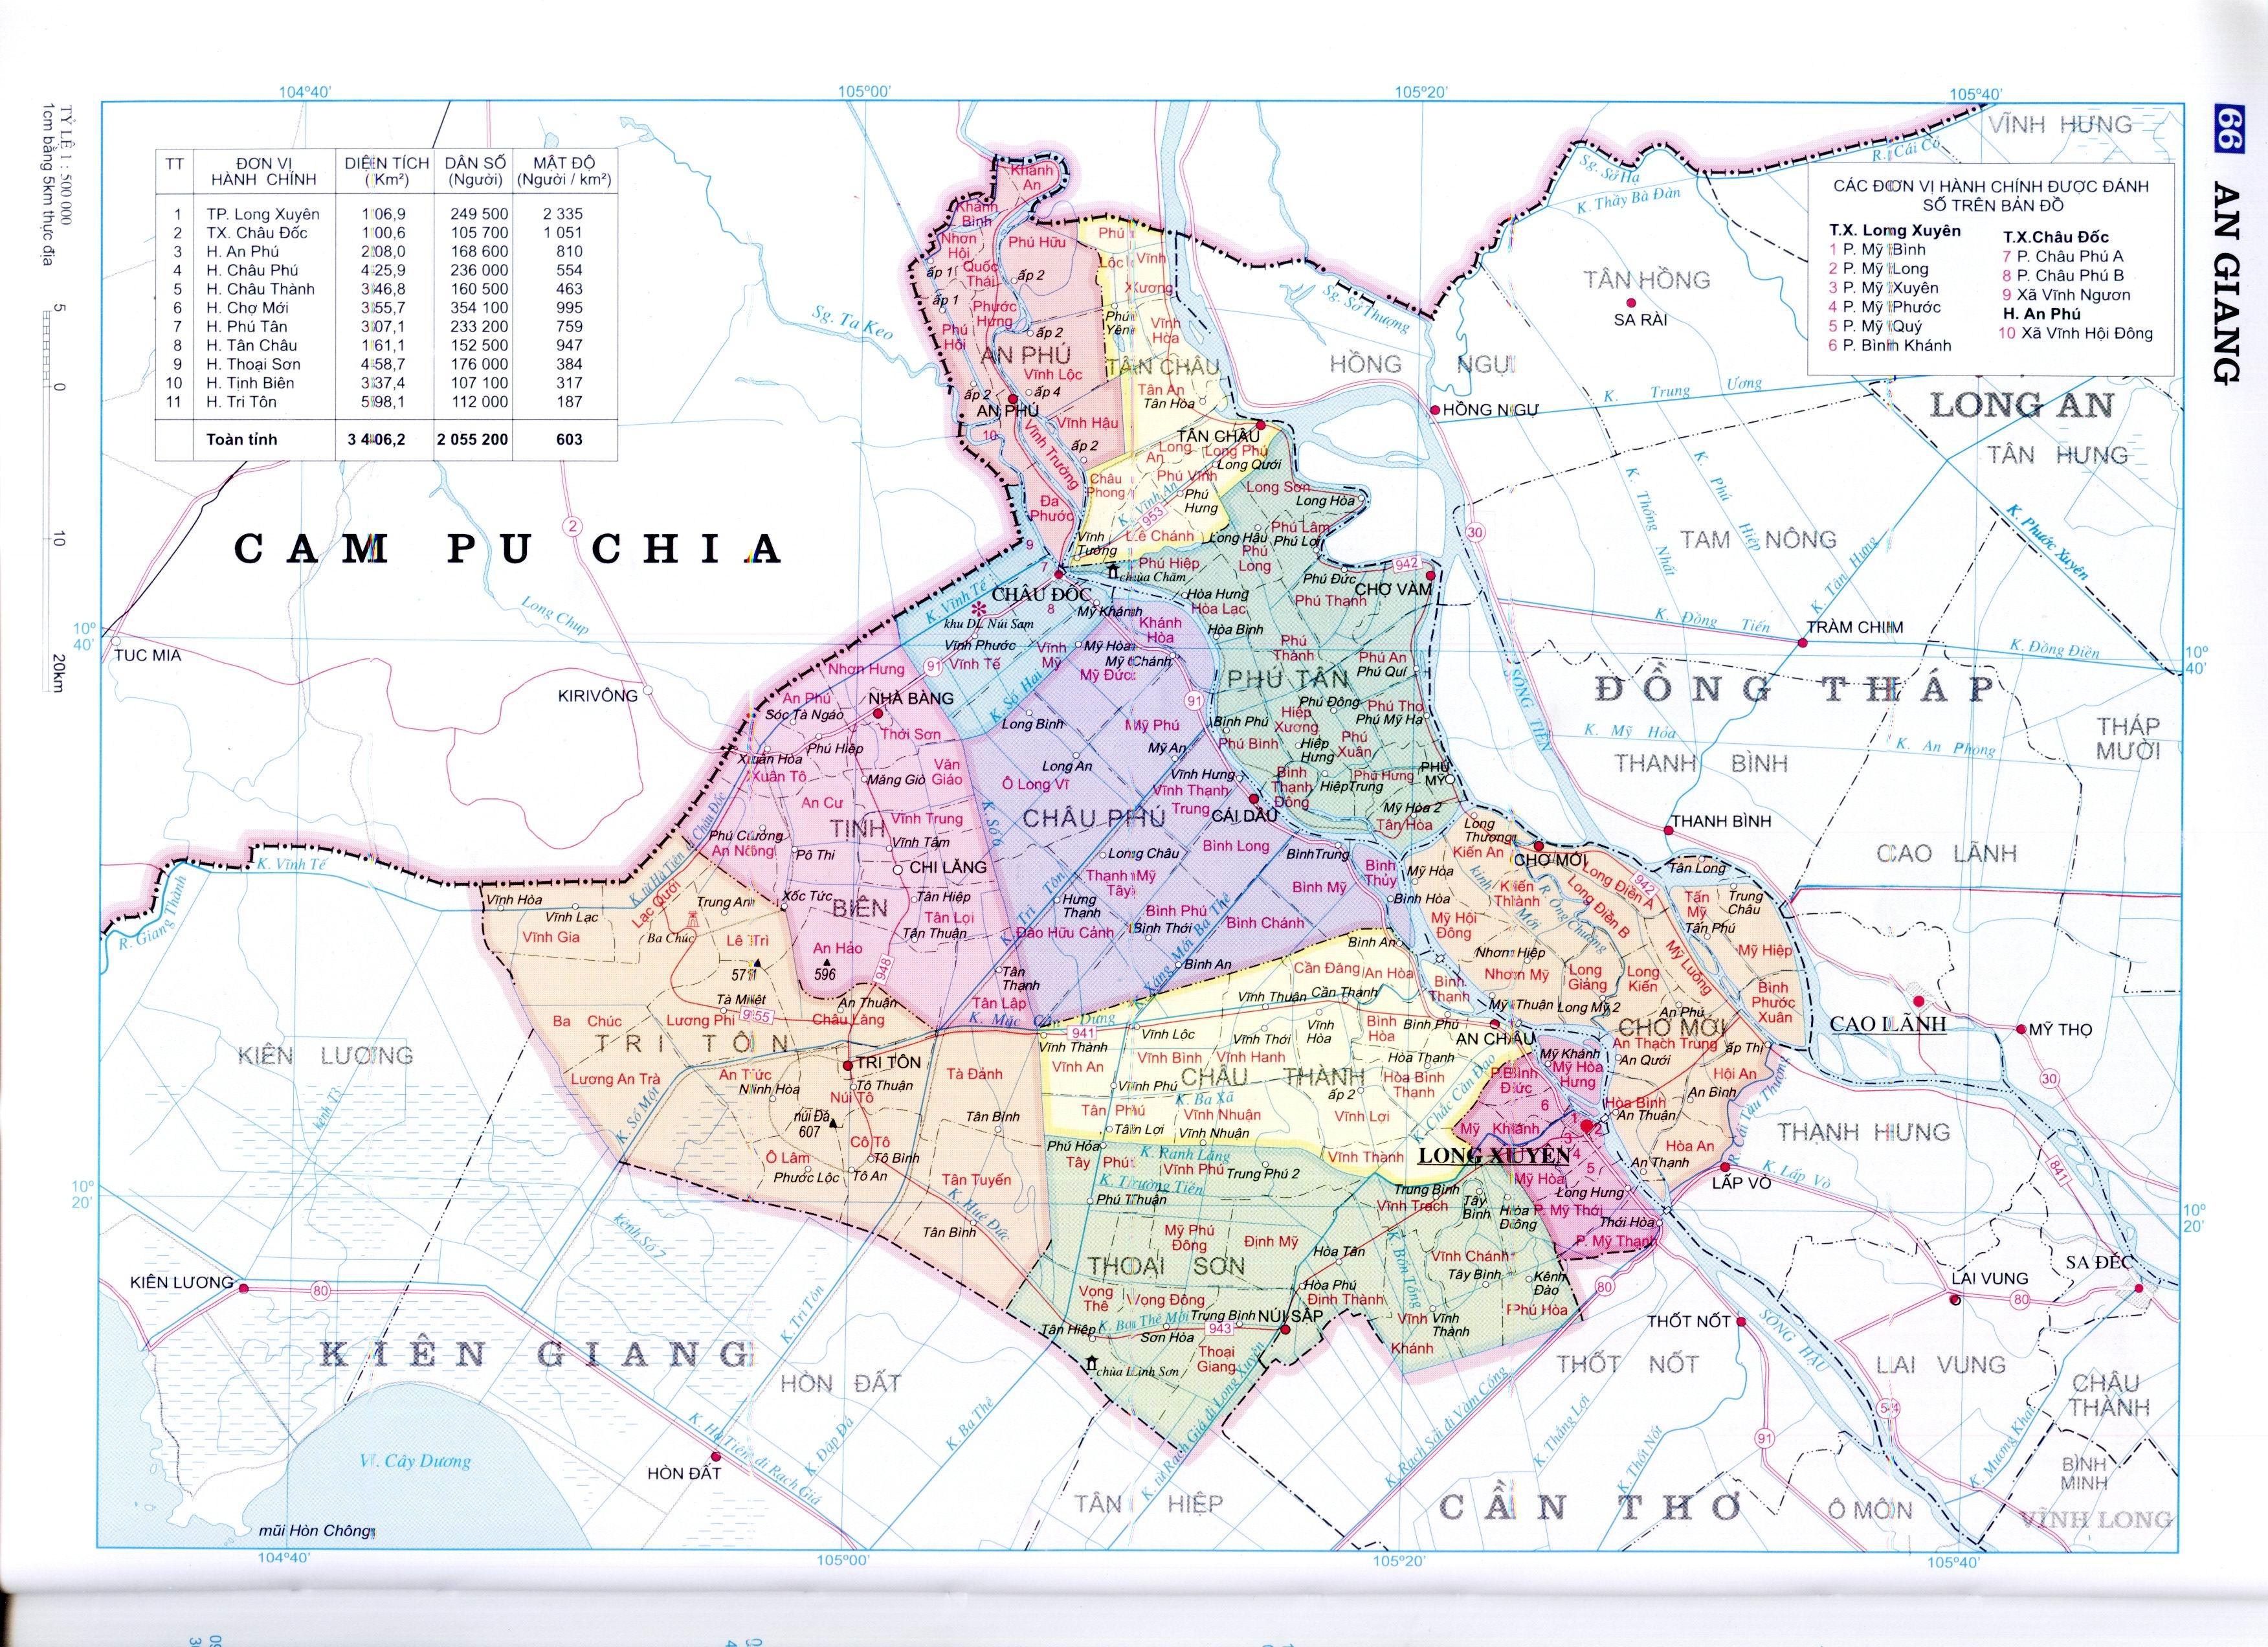 Bản đồ hành chính tỉnh An Giang miền Tây Nam Bộ